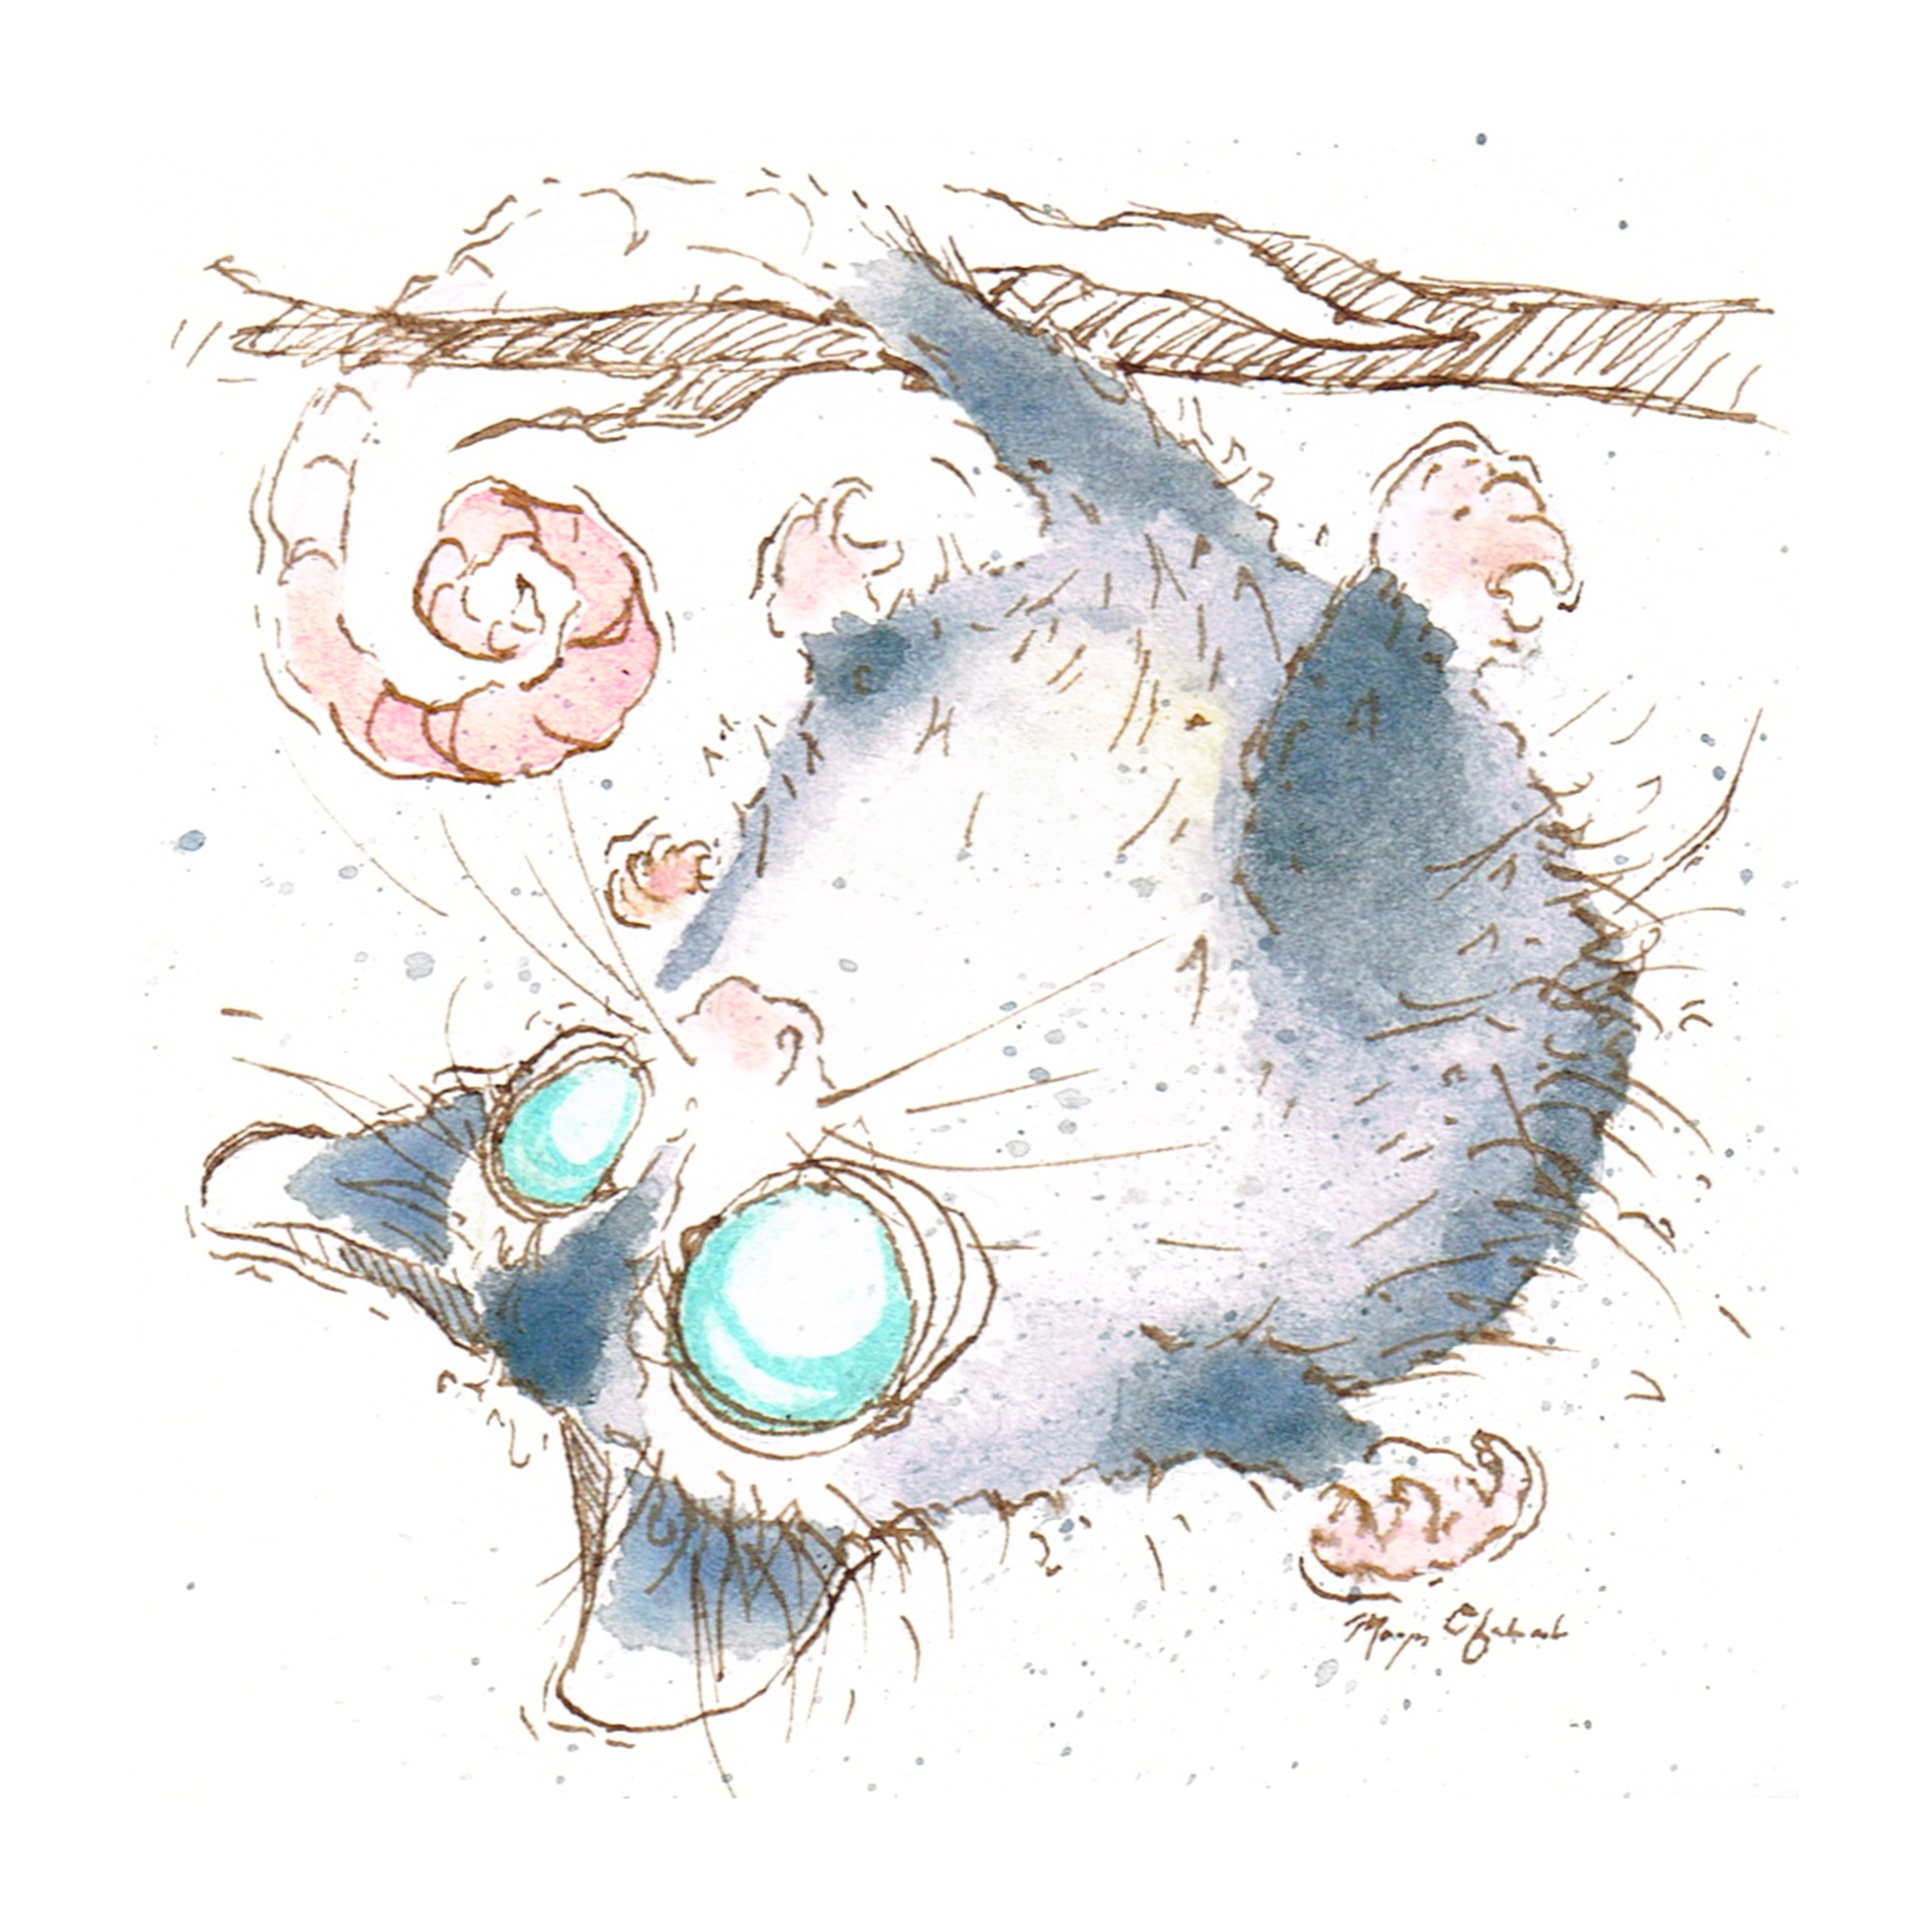 Opossum - opossum, possum, illustration - morganofsharick | ello